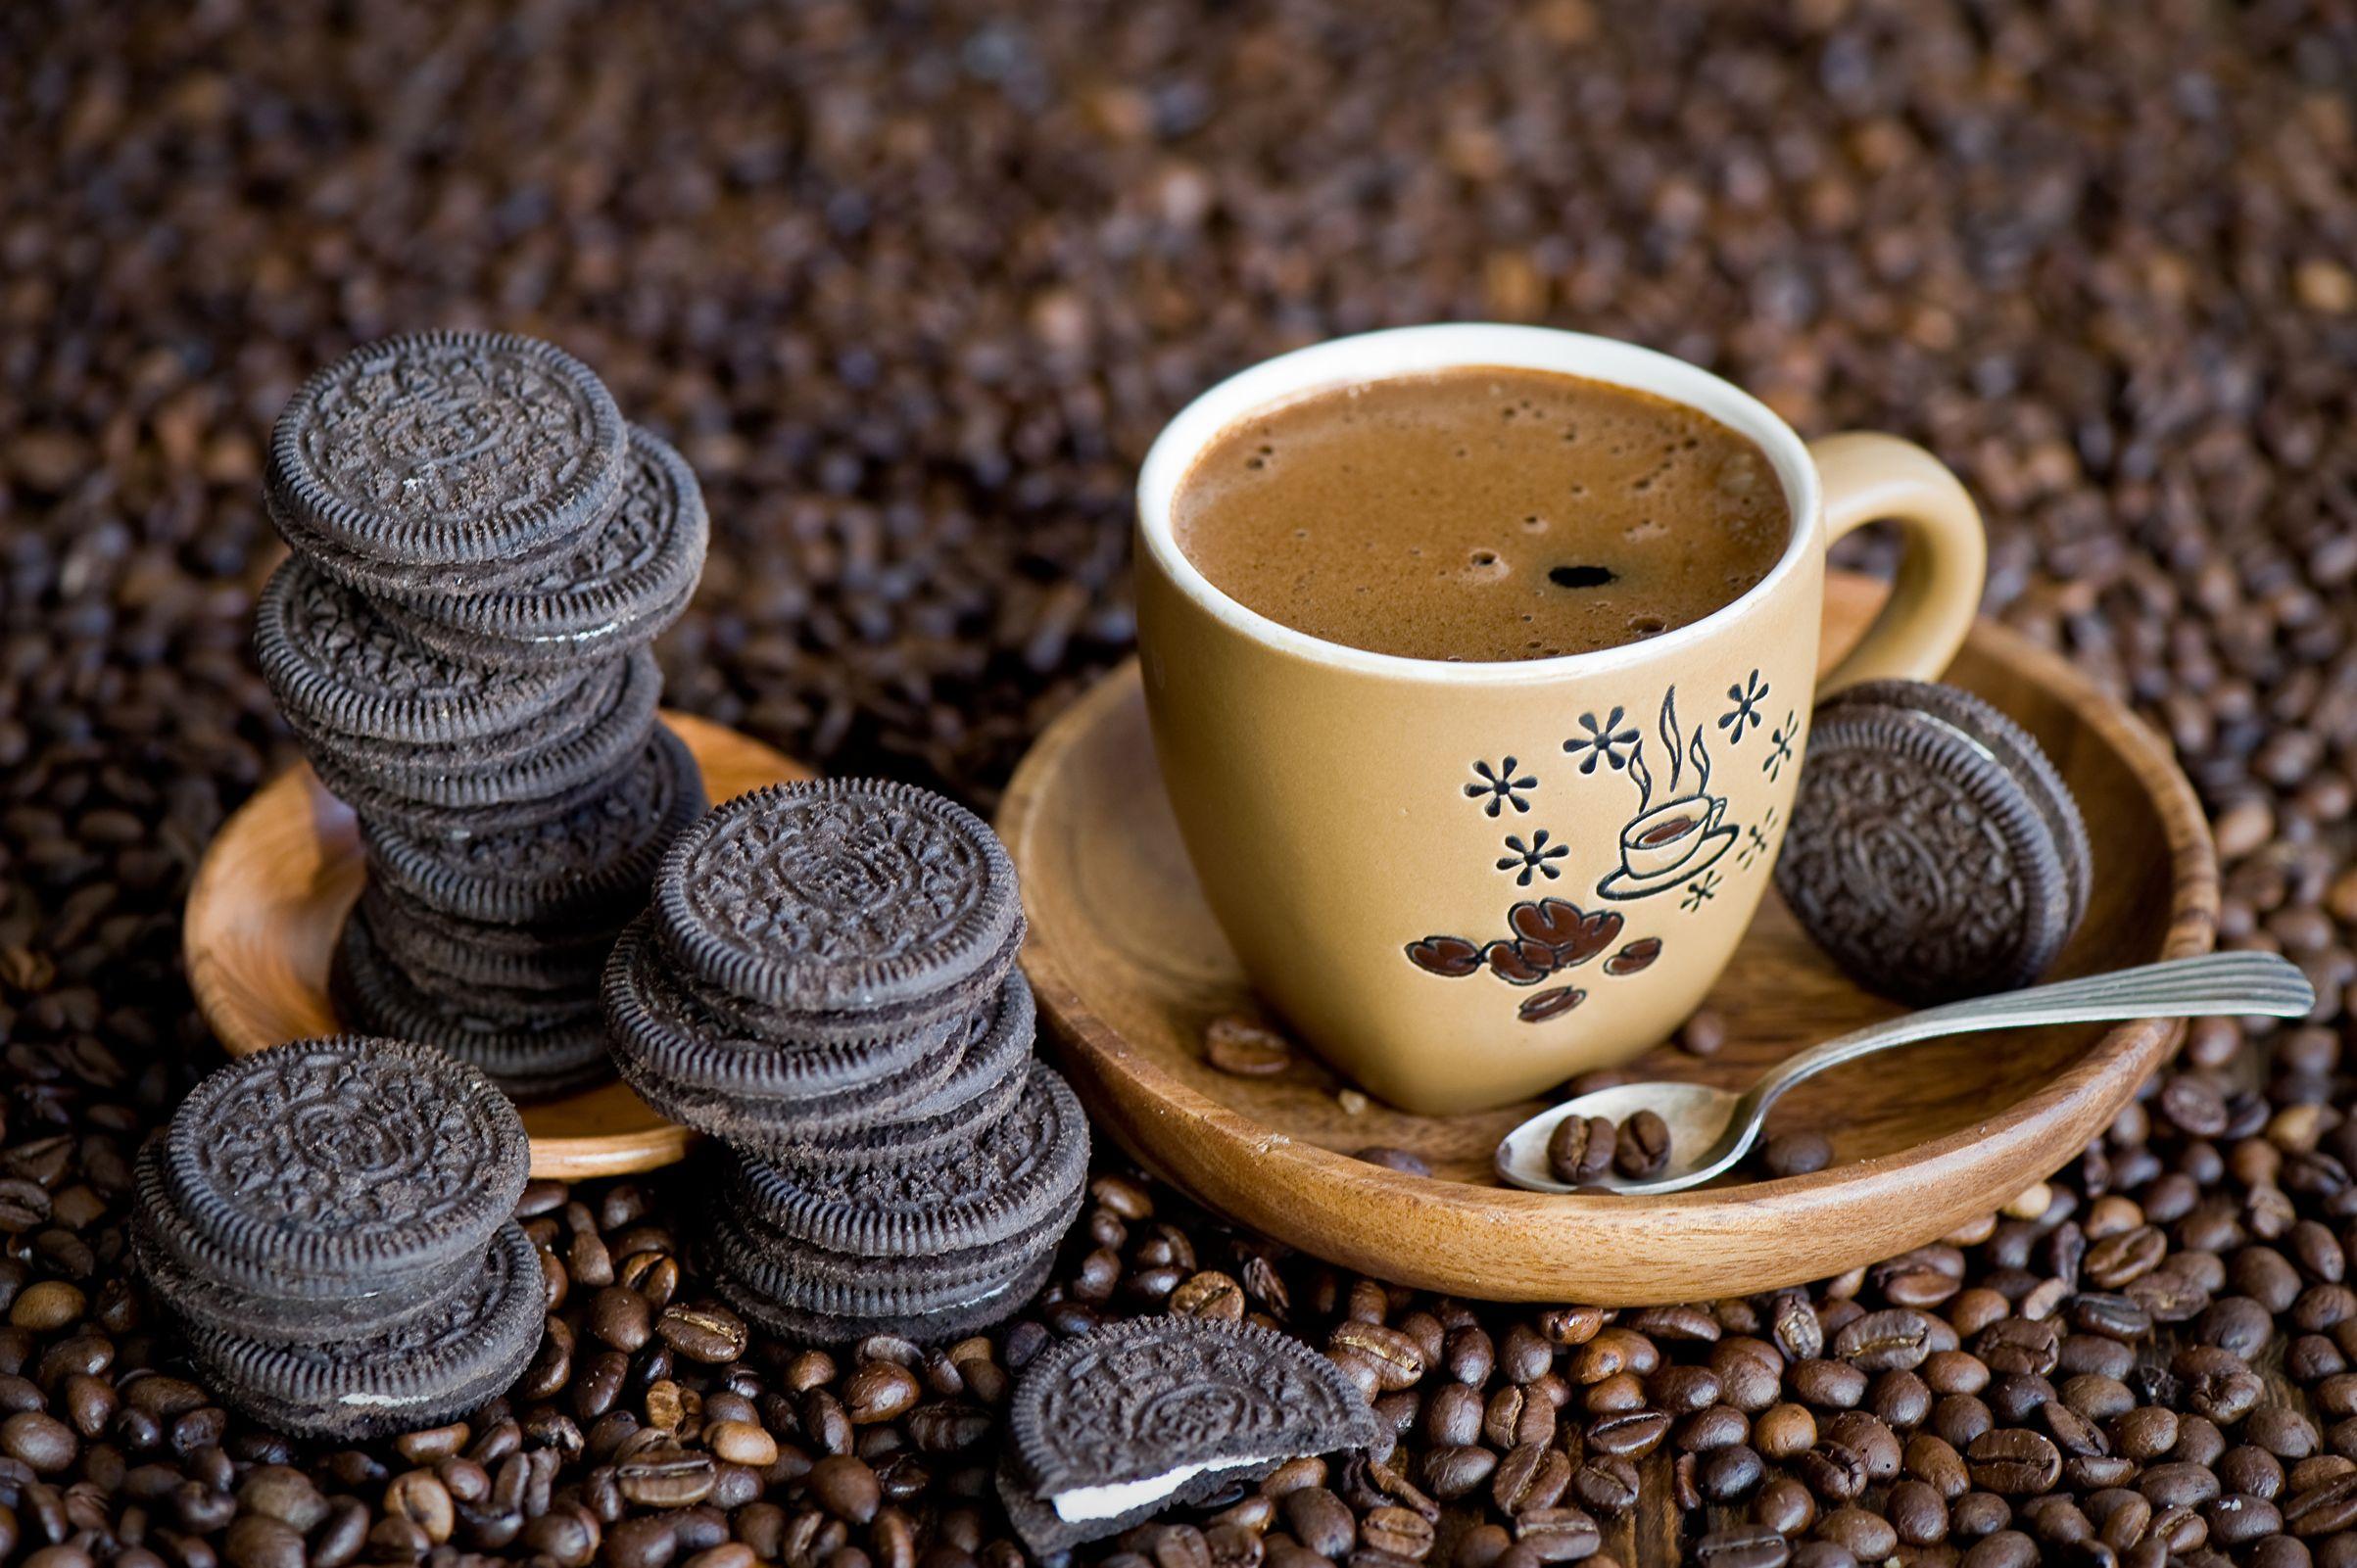 Гуляя по городу вам внезапно захотелось попить кофе. Как поступите?